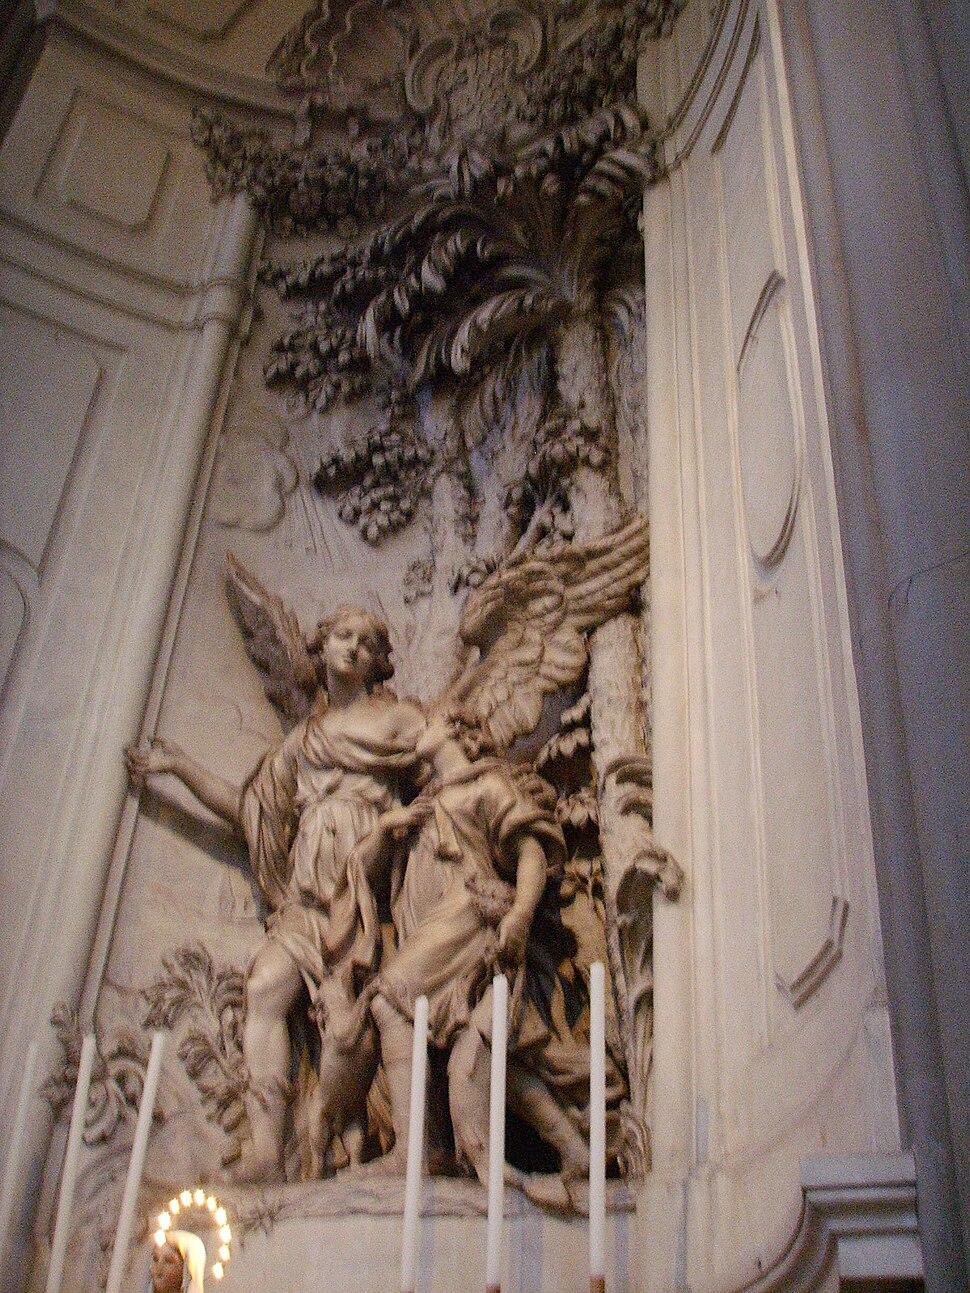 Santo spirito, cappella della palla-portinari, Giovanni baratta, arcangelo raffaele e tobiolo (1698)